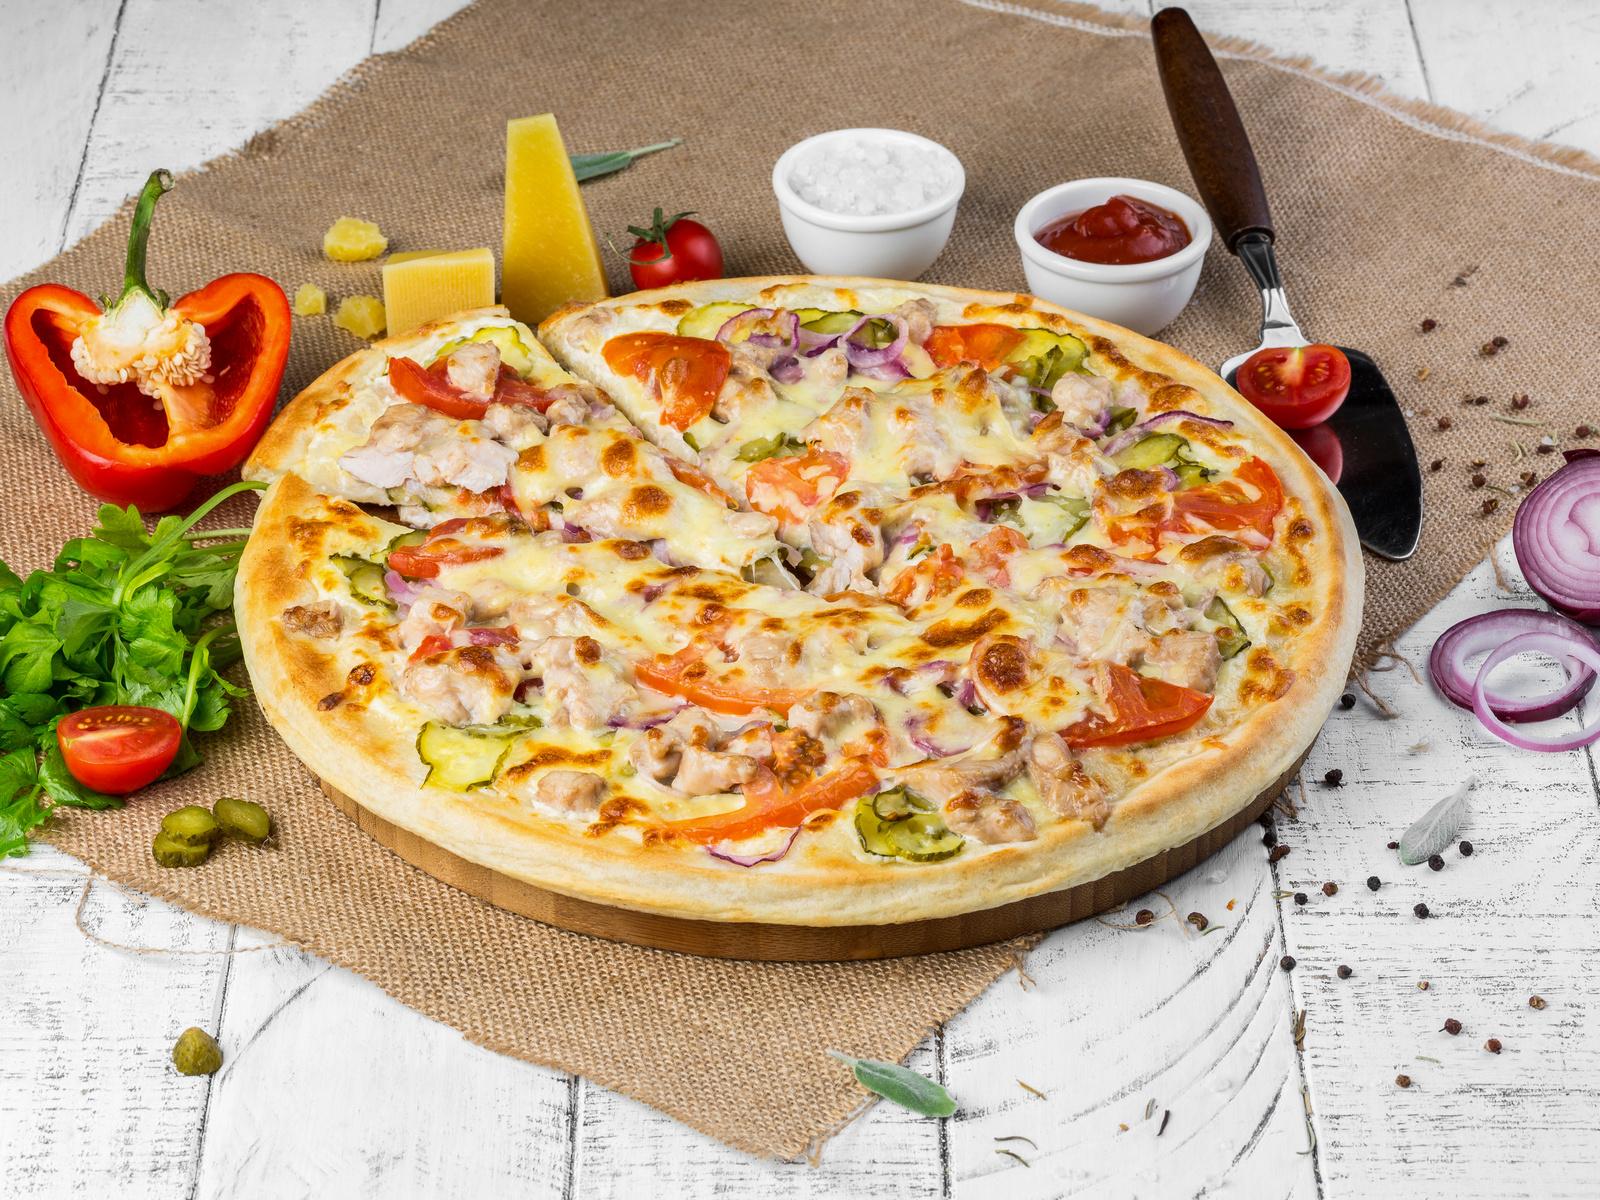 Fedorini pizzeria